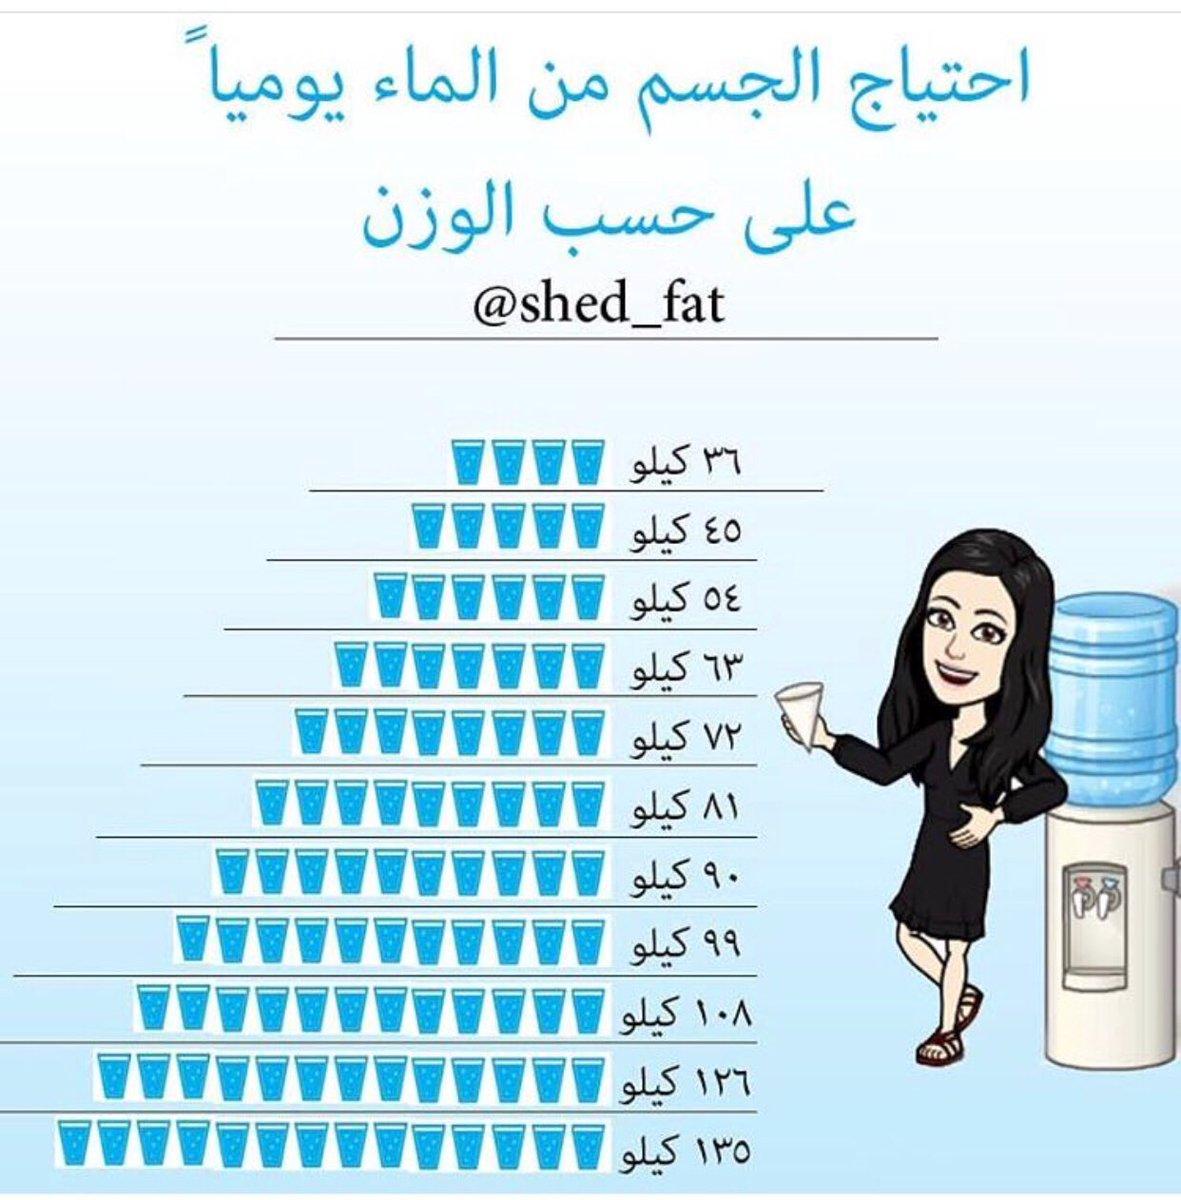 صور هل شرب الماء يزيد الوزن , معلومات عن شرب الماء